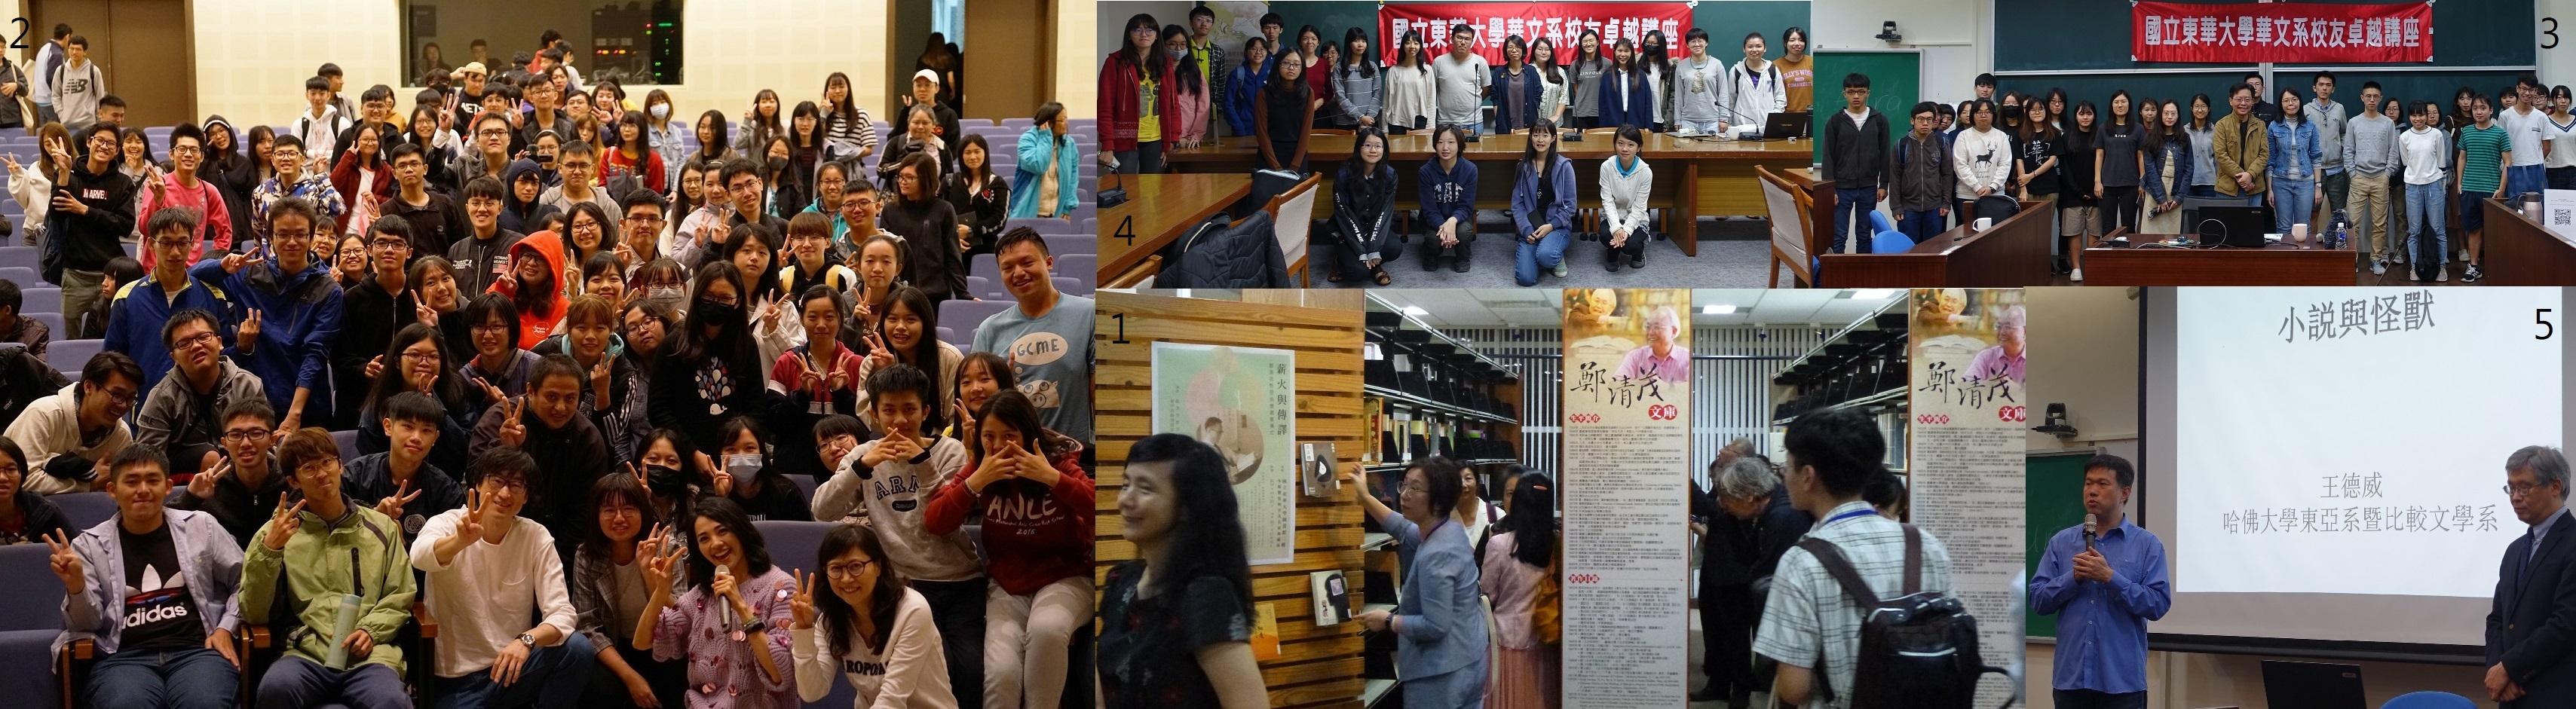 華文文學系108學年度第1學期重點活動